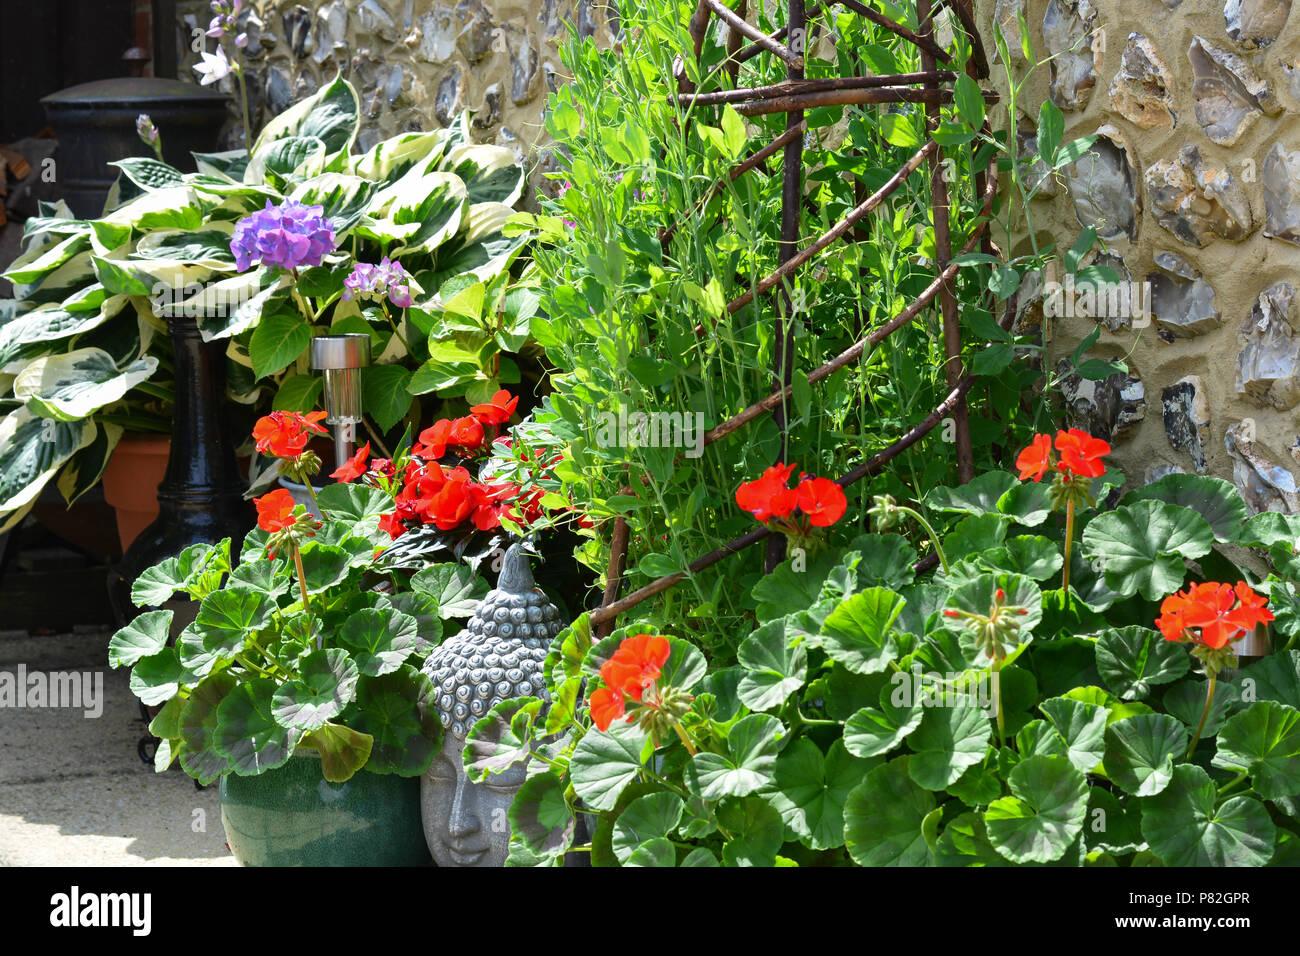 Piante E Fiori Da Giardino.Colore Grigio Testa Di Buddha Tra Fiori Da Giardino E Vasi Per